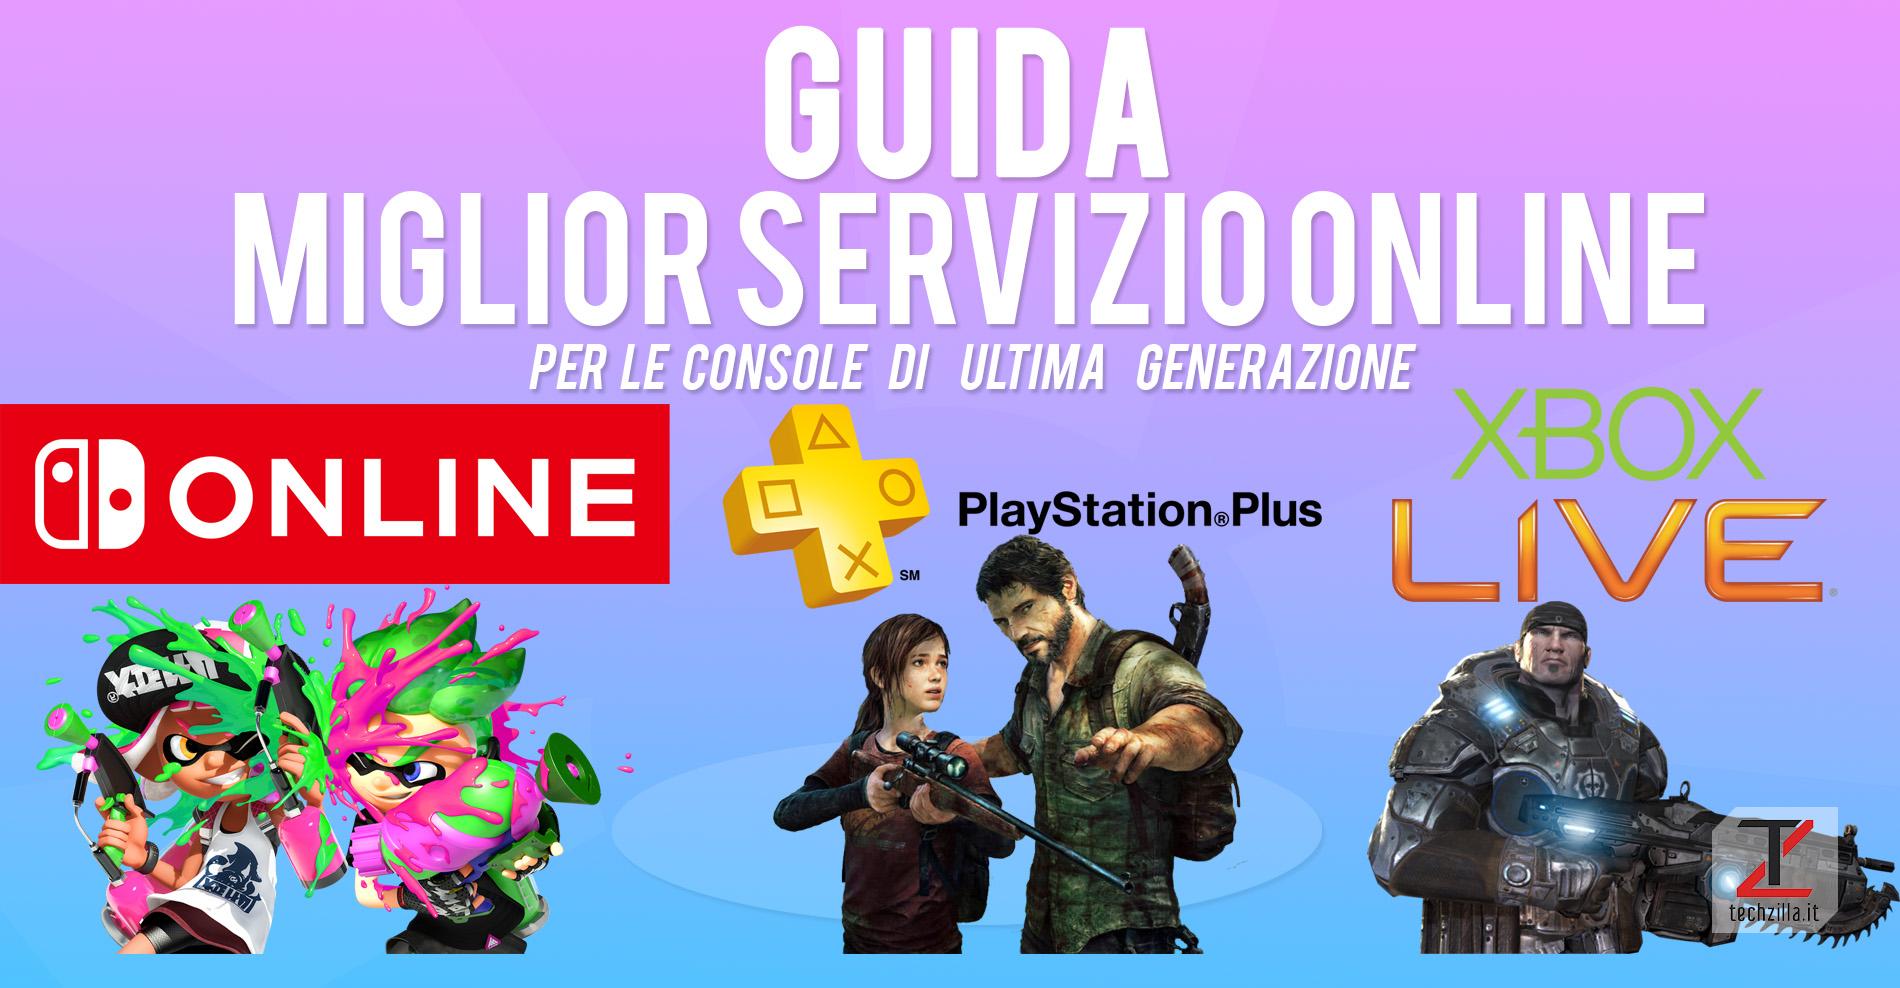 Miglior Servizio Online